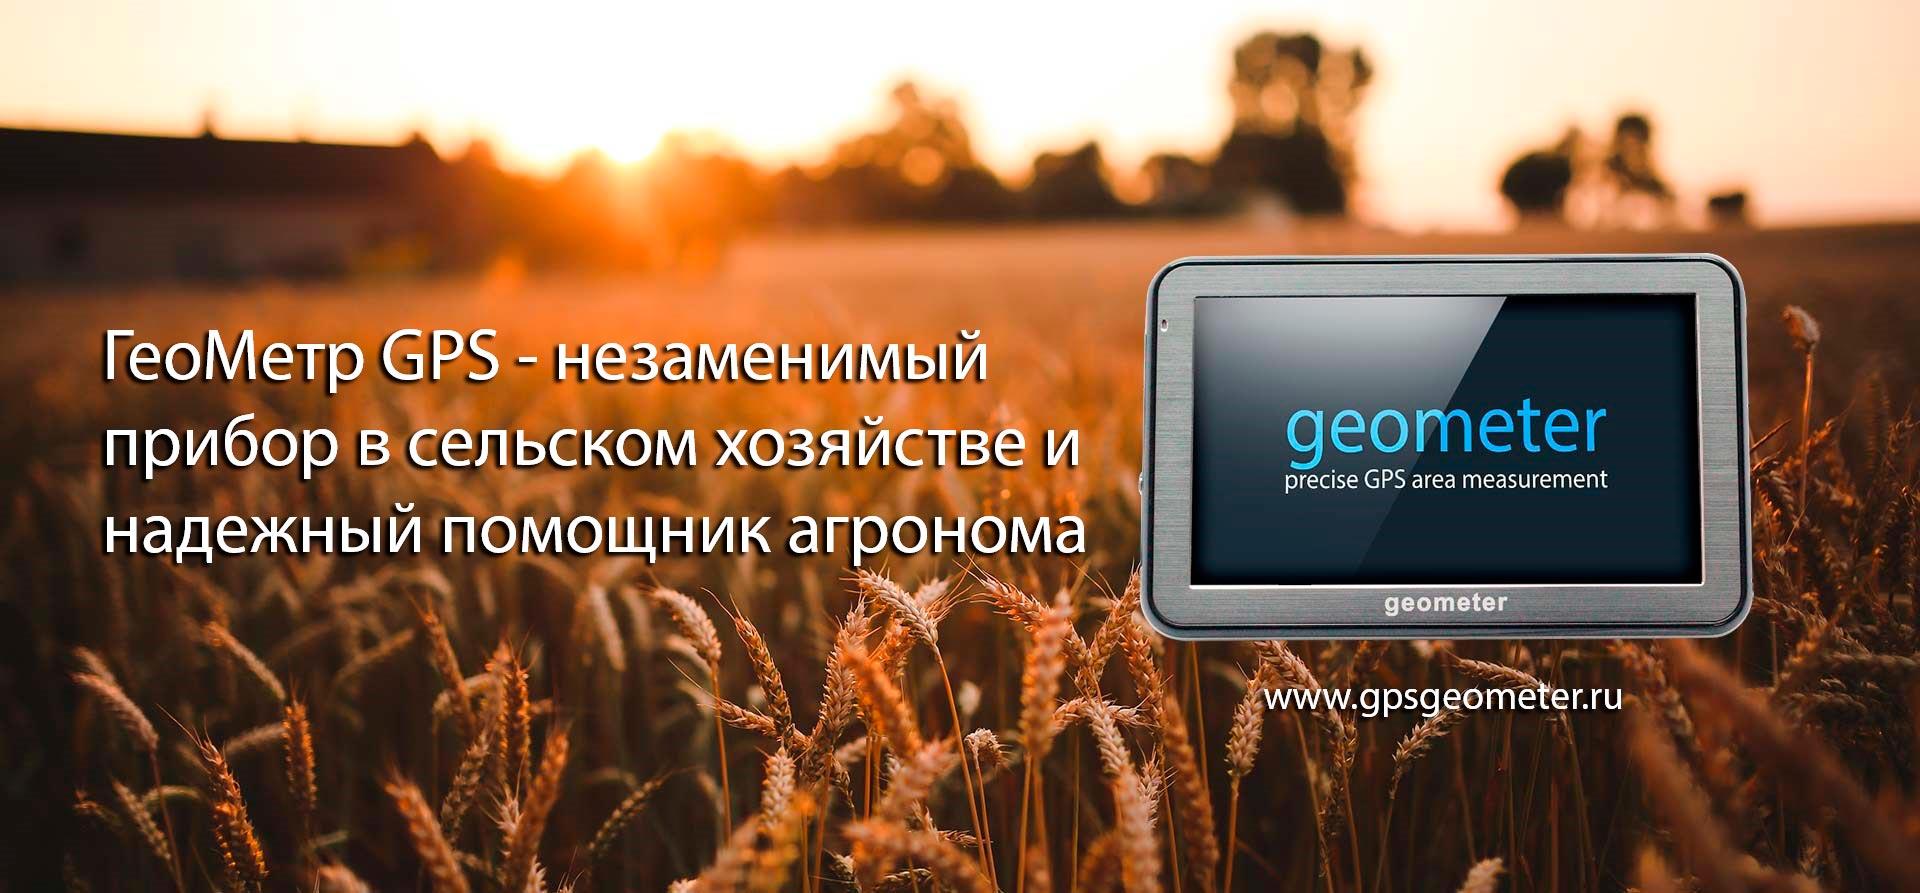 ГеоМетр – точное измерение площади полей по GPS